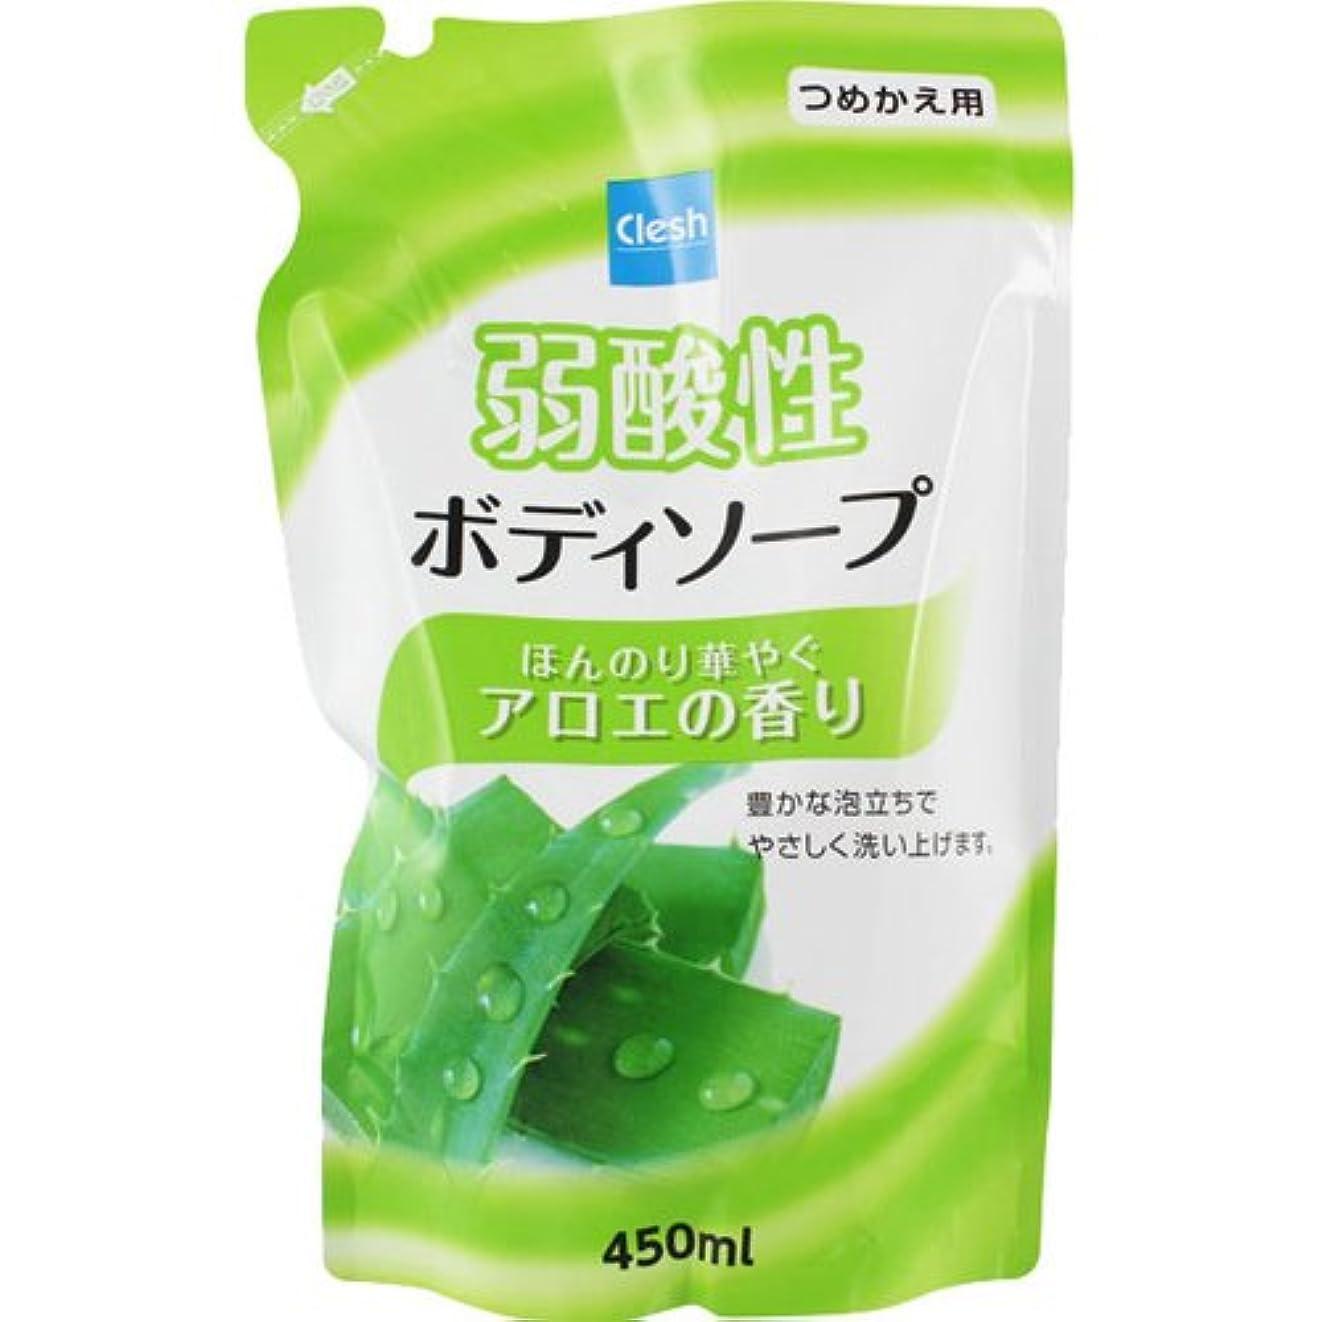 憤る能力触覚Clesh(クレシュ) 弱酸性ボディソープ アロエの香り つめかえ用 450ml